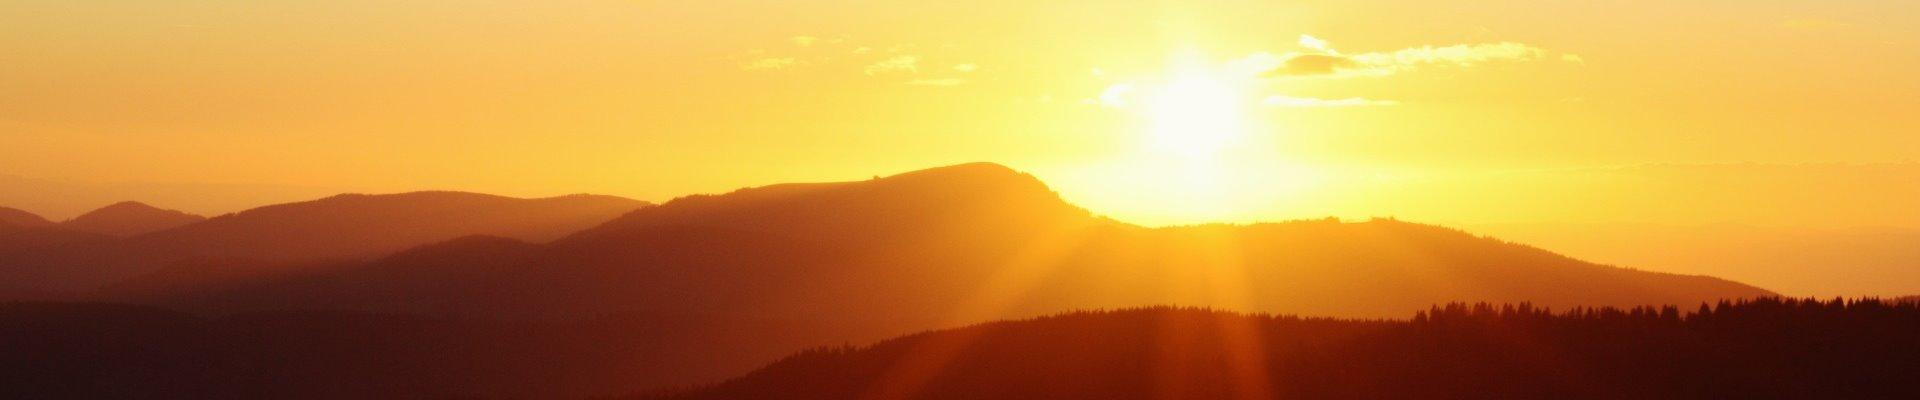 Erlebnis Slider 1920x400: Sonnenuntergang am Belchen